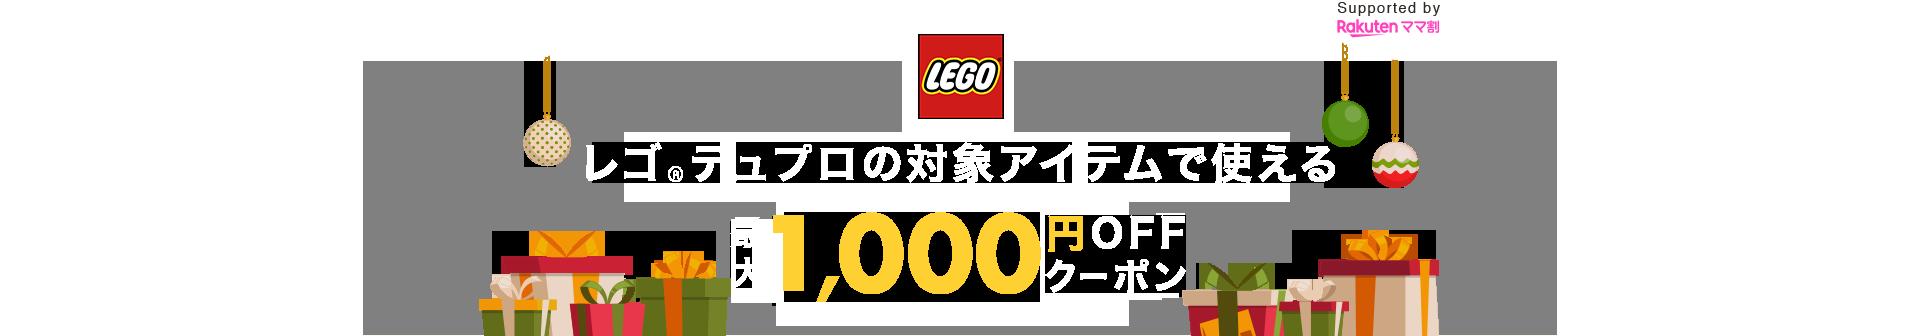 LEGOの対象アイテムで使える最大1,000円OFFクーポン